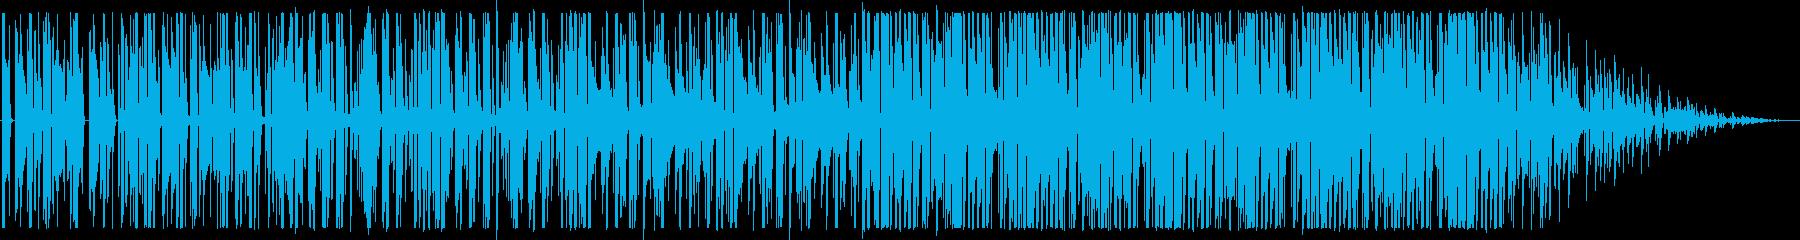 ビートの強いヒップホップ_No445_3の再生済みの波形